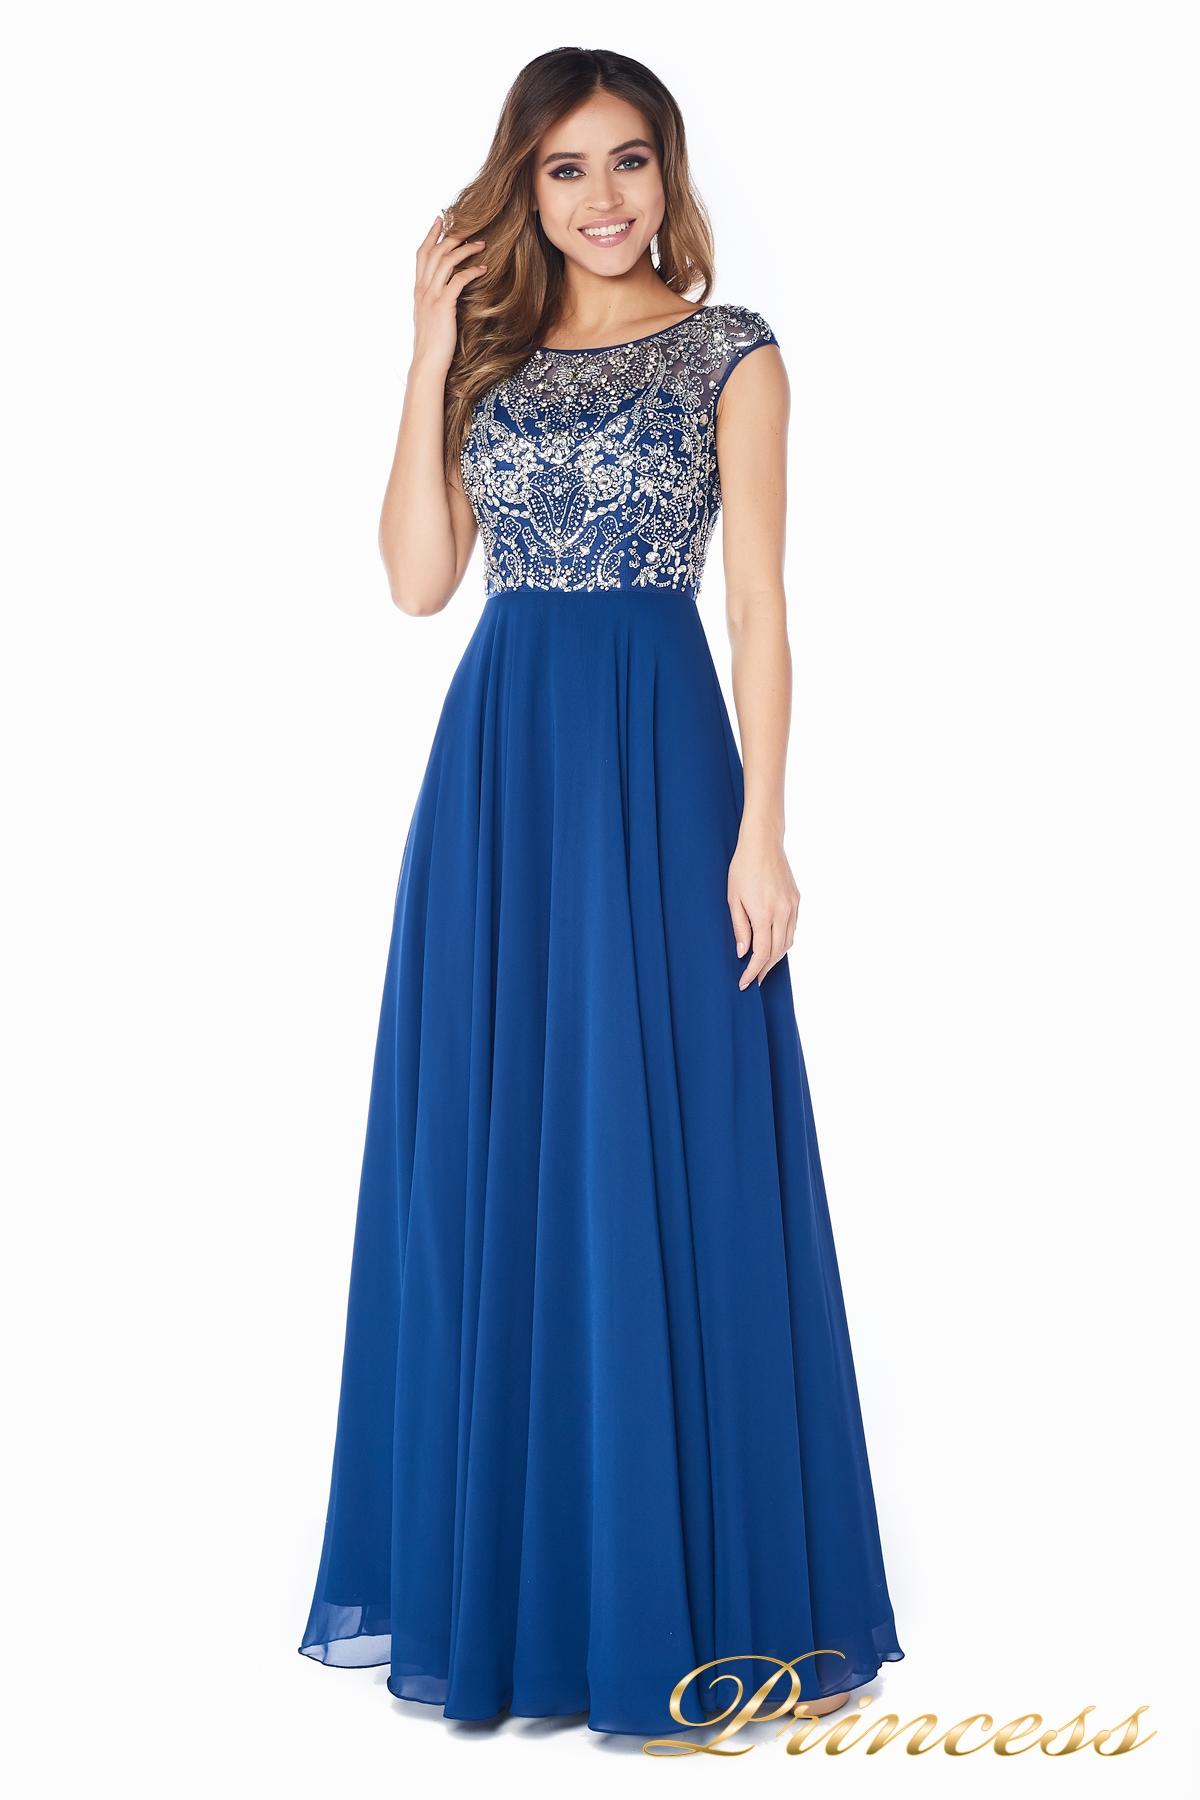 acc4c7d3712 Купить вечернее платье 80824an синего цвета по цене 27500 руб. в ...